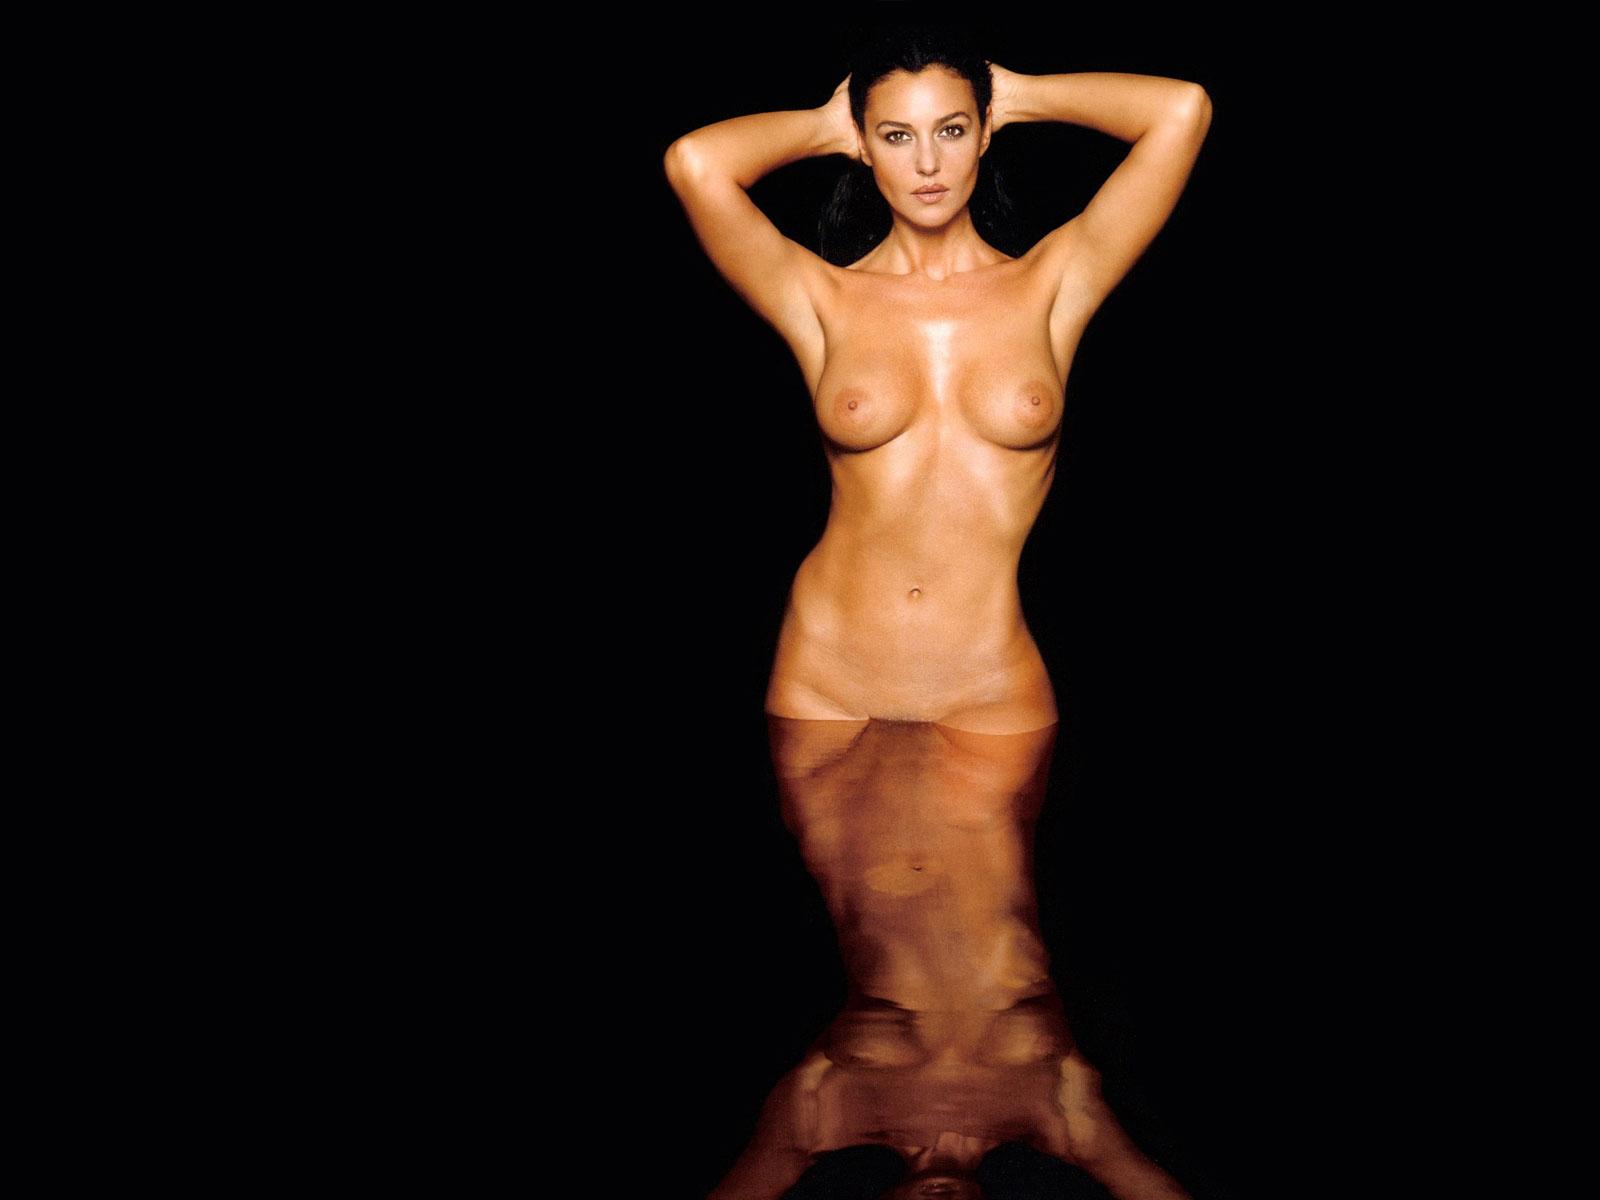 Самый ужасный еротика виде карау 10 фотография